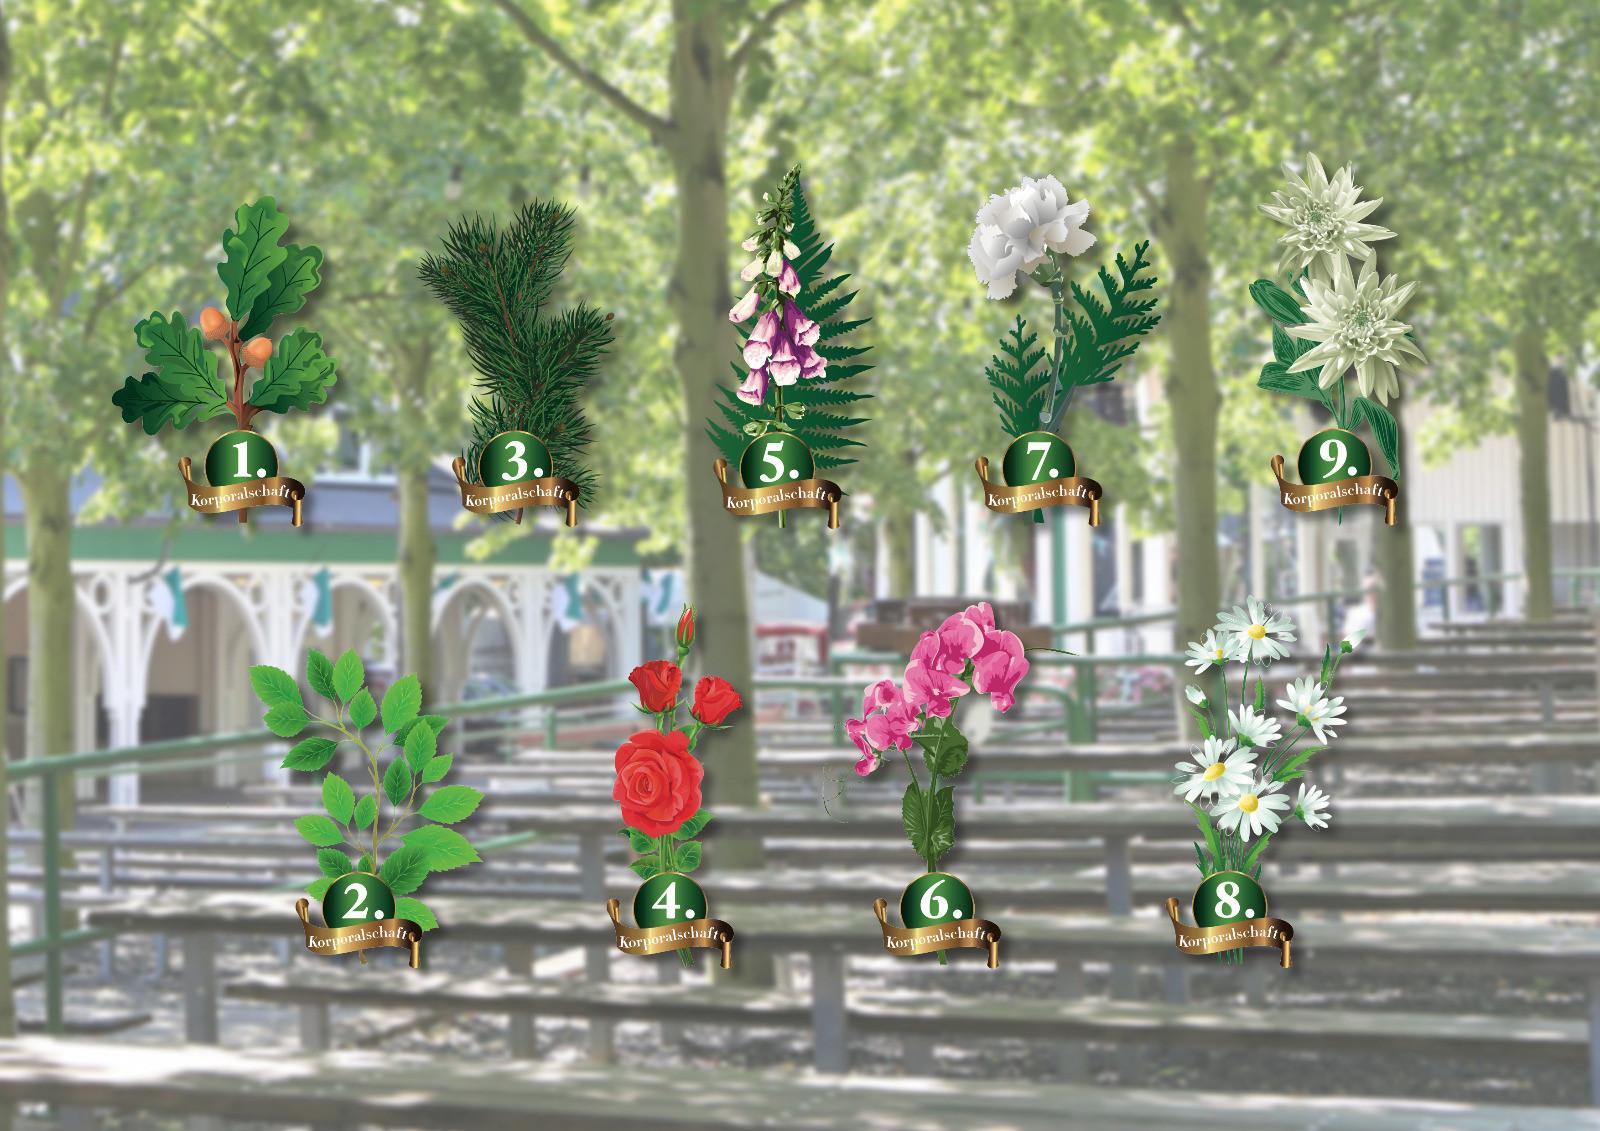 Blumenschmuck der neun Korporalschaften